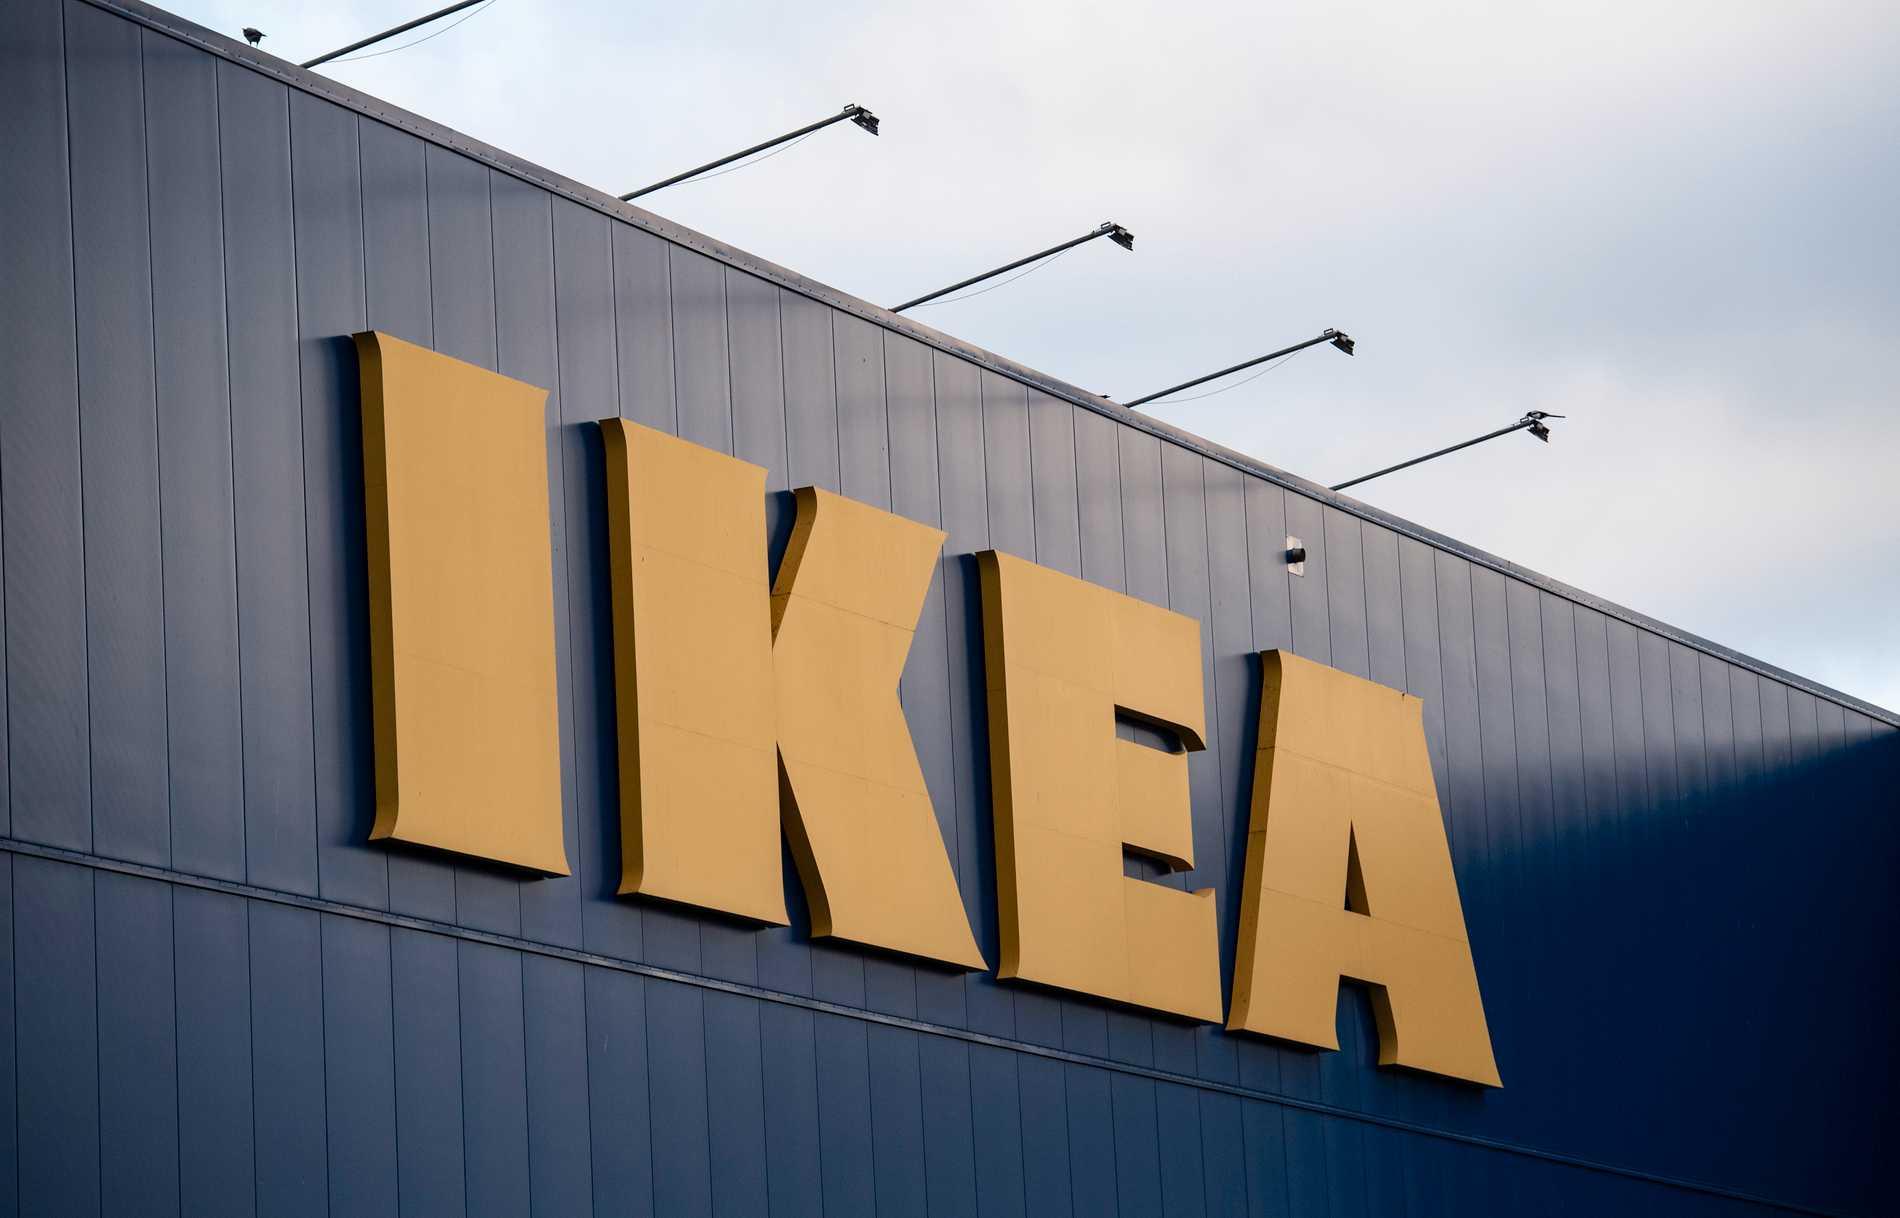 Svenskar köper endast möbler från Ikea, eller?